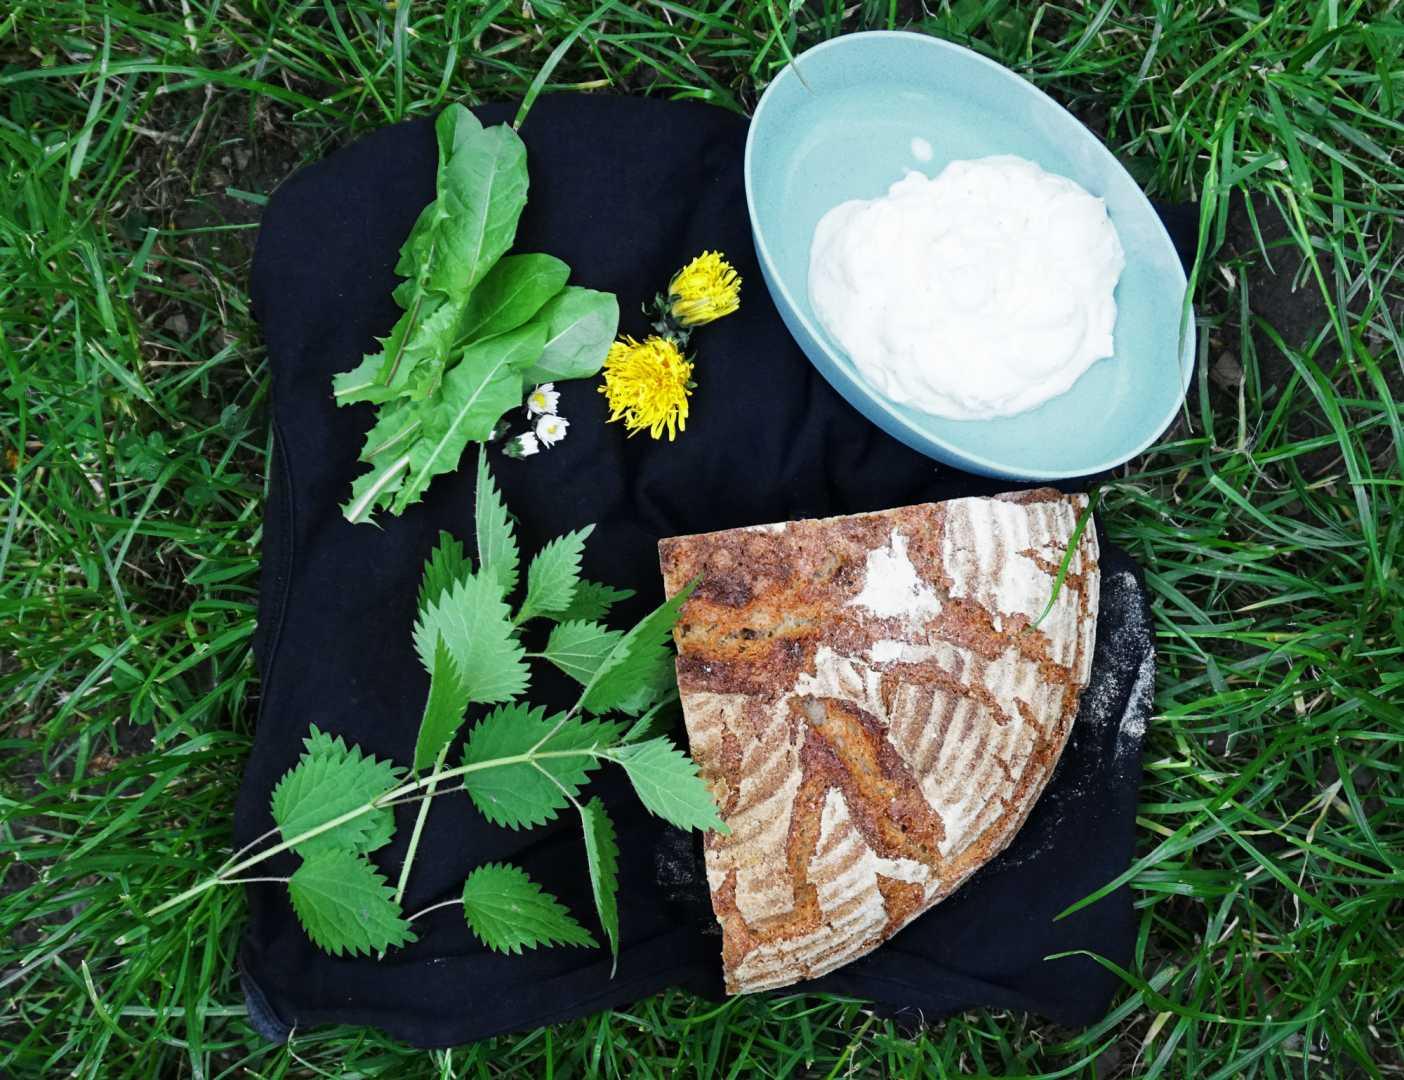 Wildkräuter, Quark, Brot auf Wiese